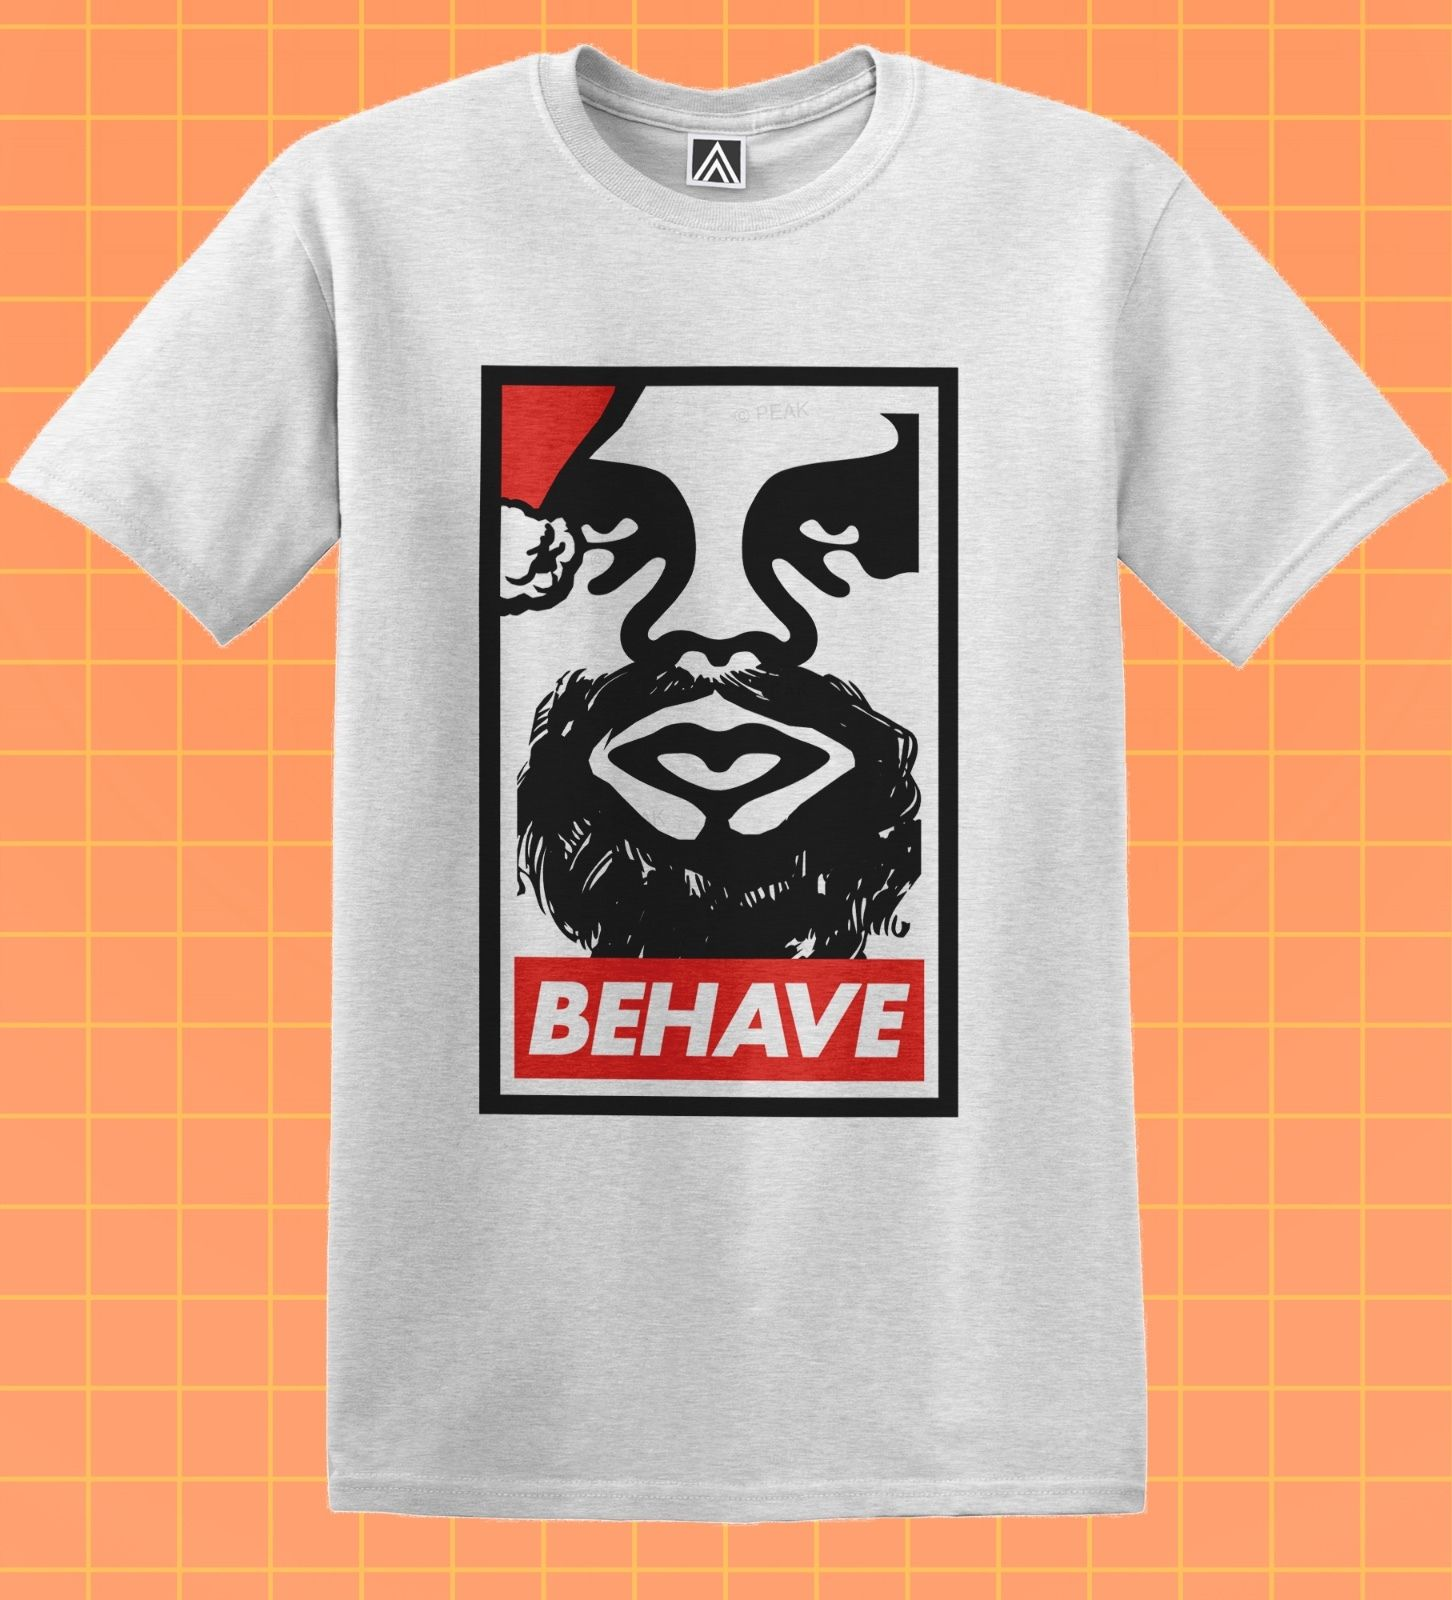 Santa Behave Disobey T-shirt Christmas Novelty Gift Tee Xmas Skater Swag Top